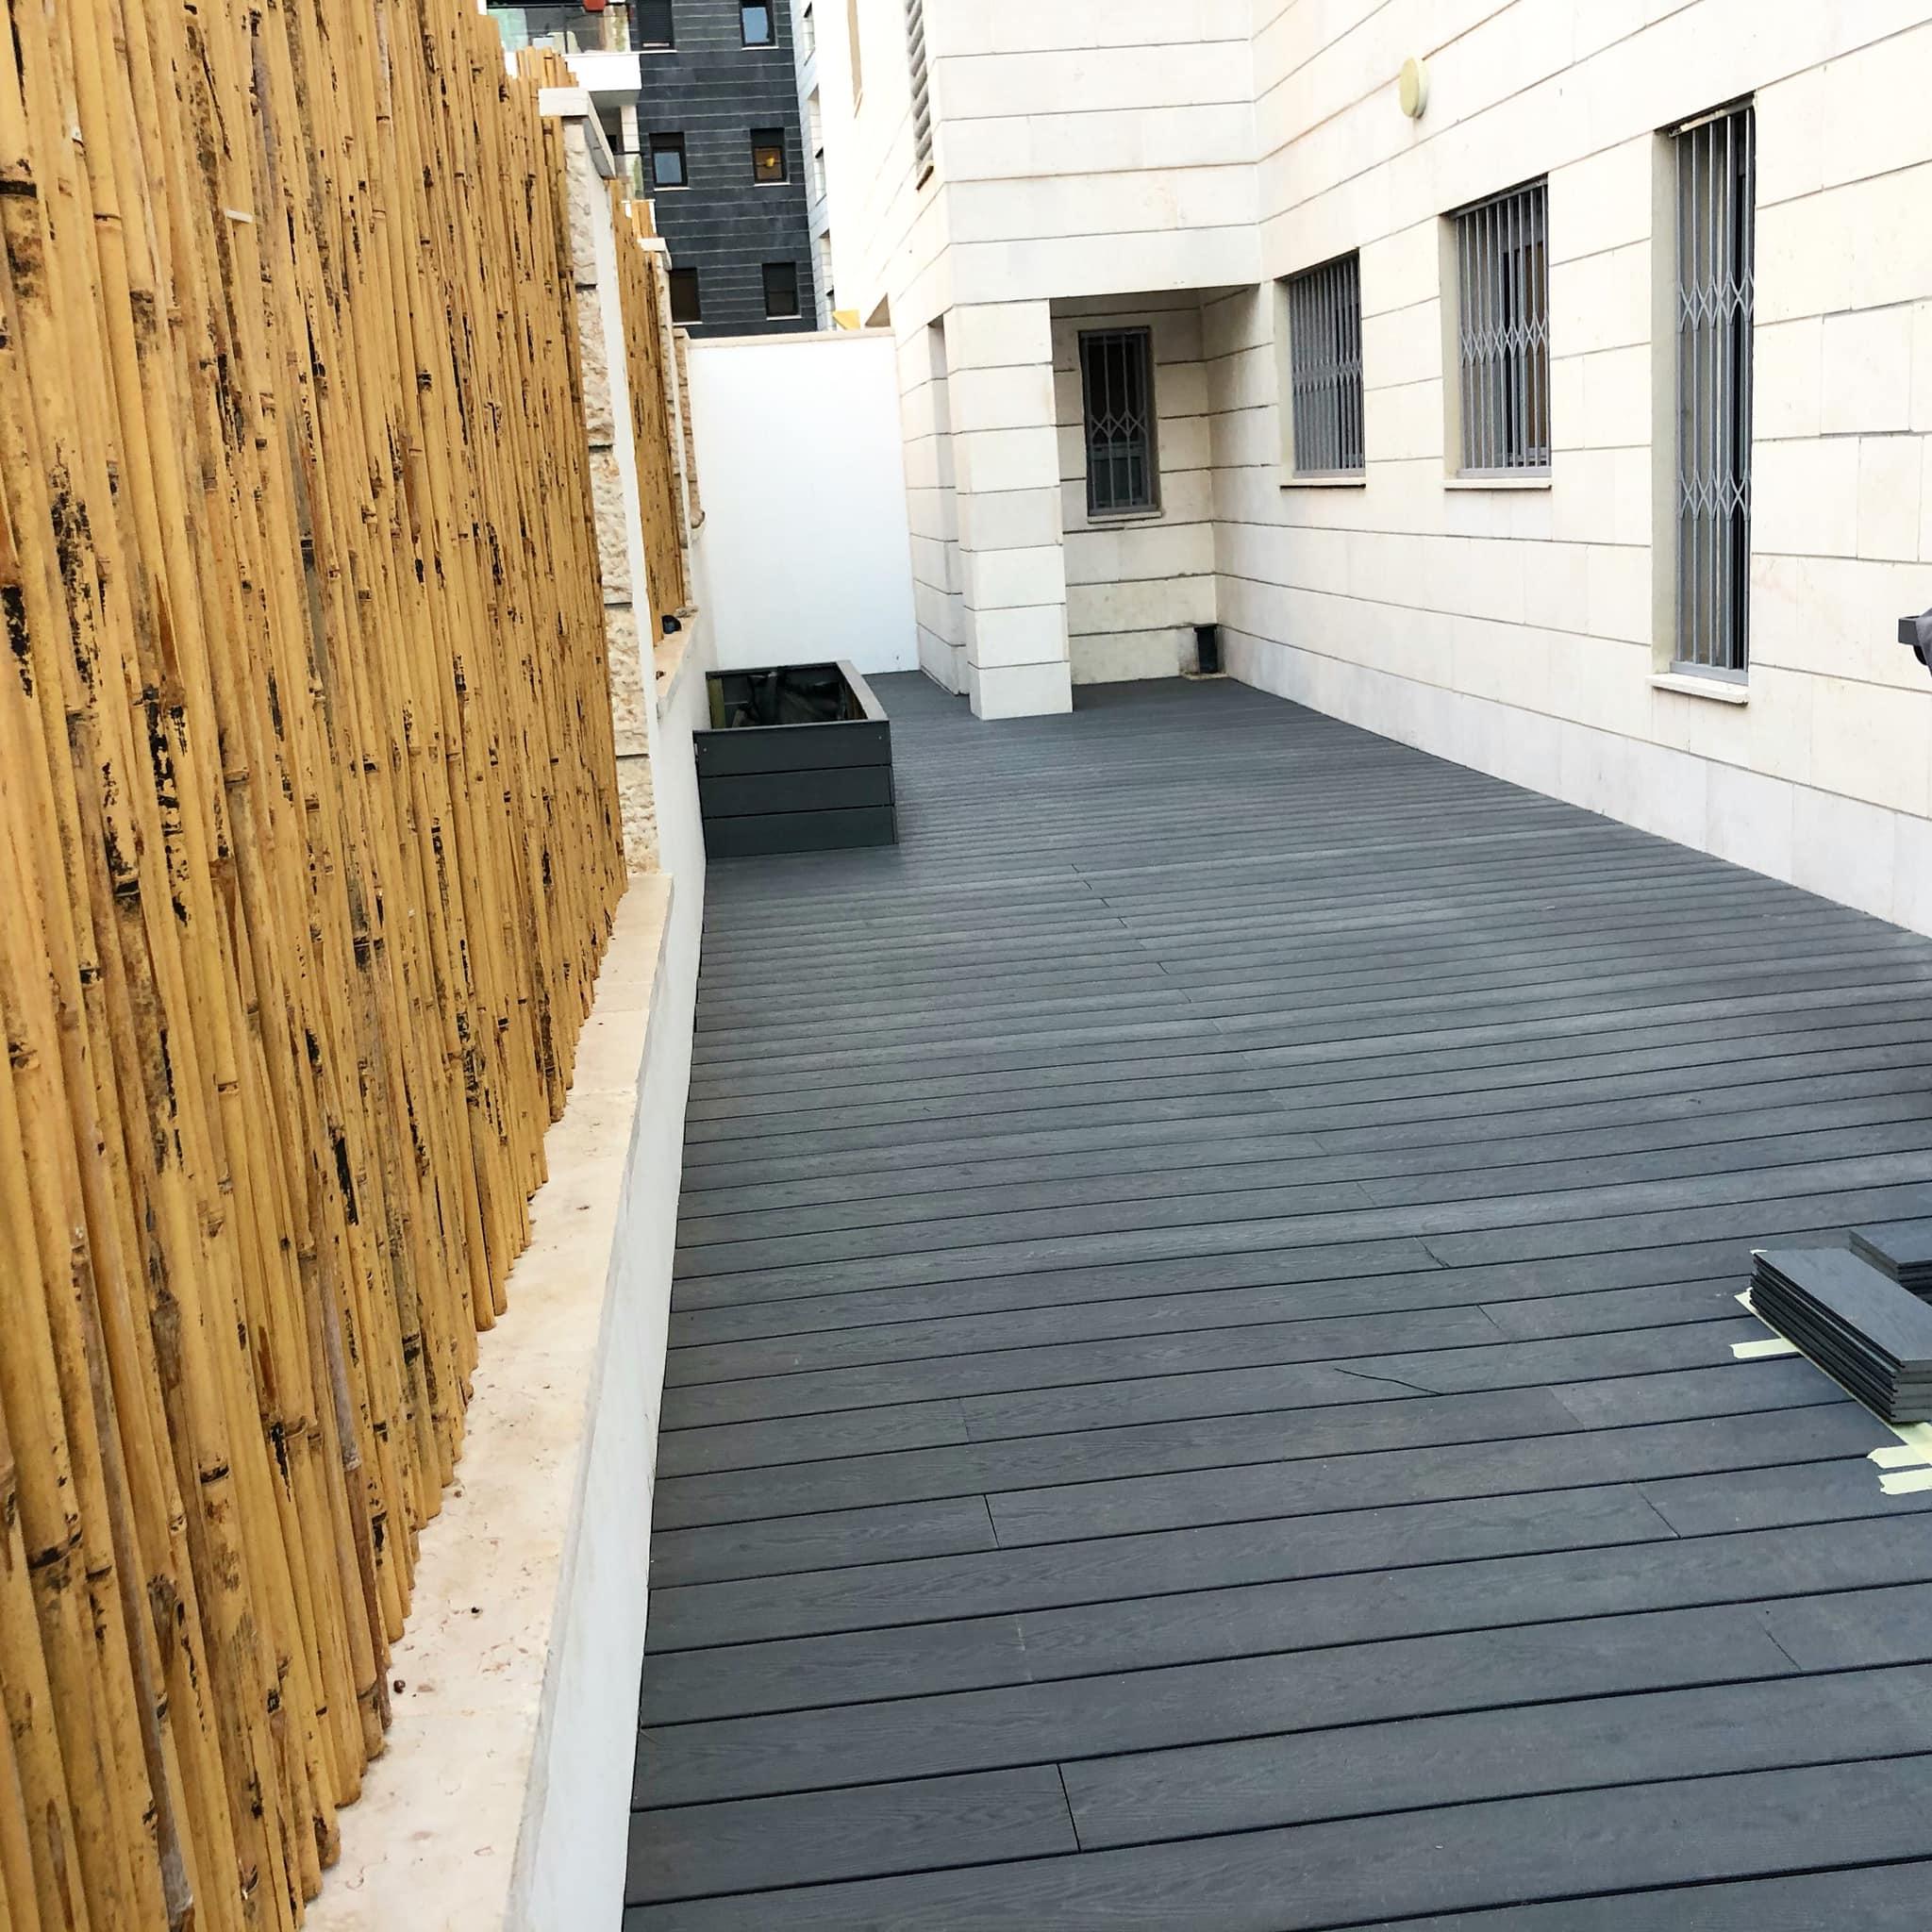 דק לחצר | בניית דק לחצר בדירת גן בראש העין